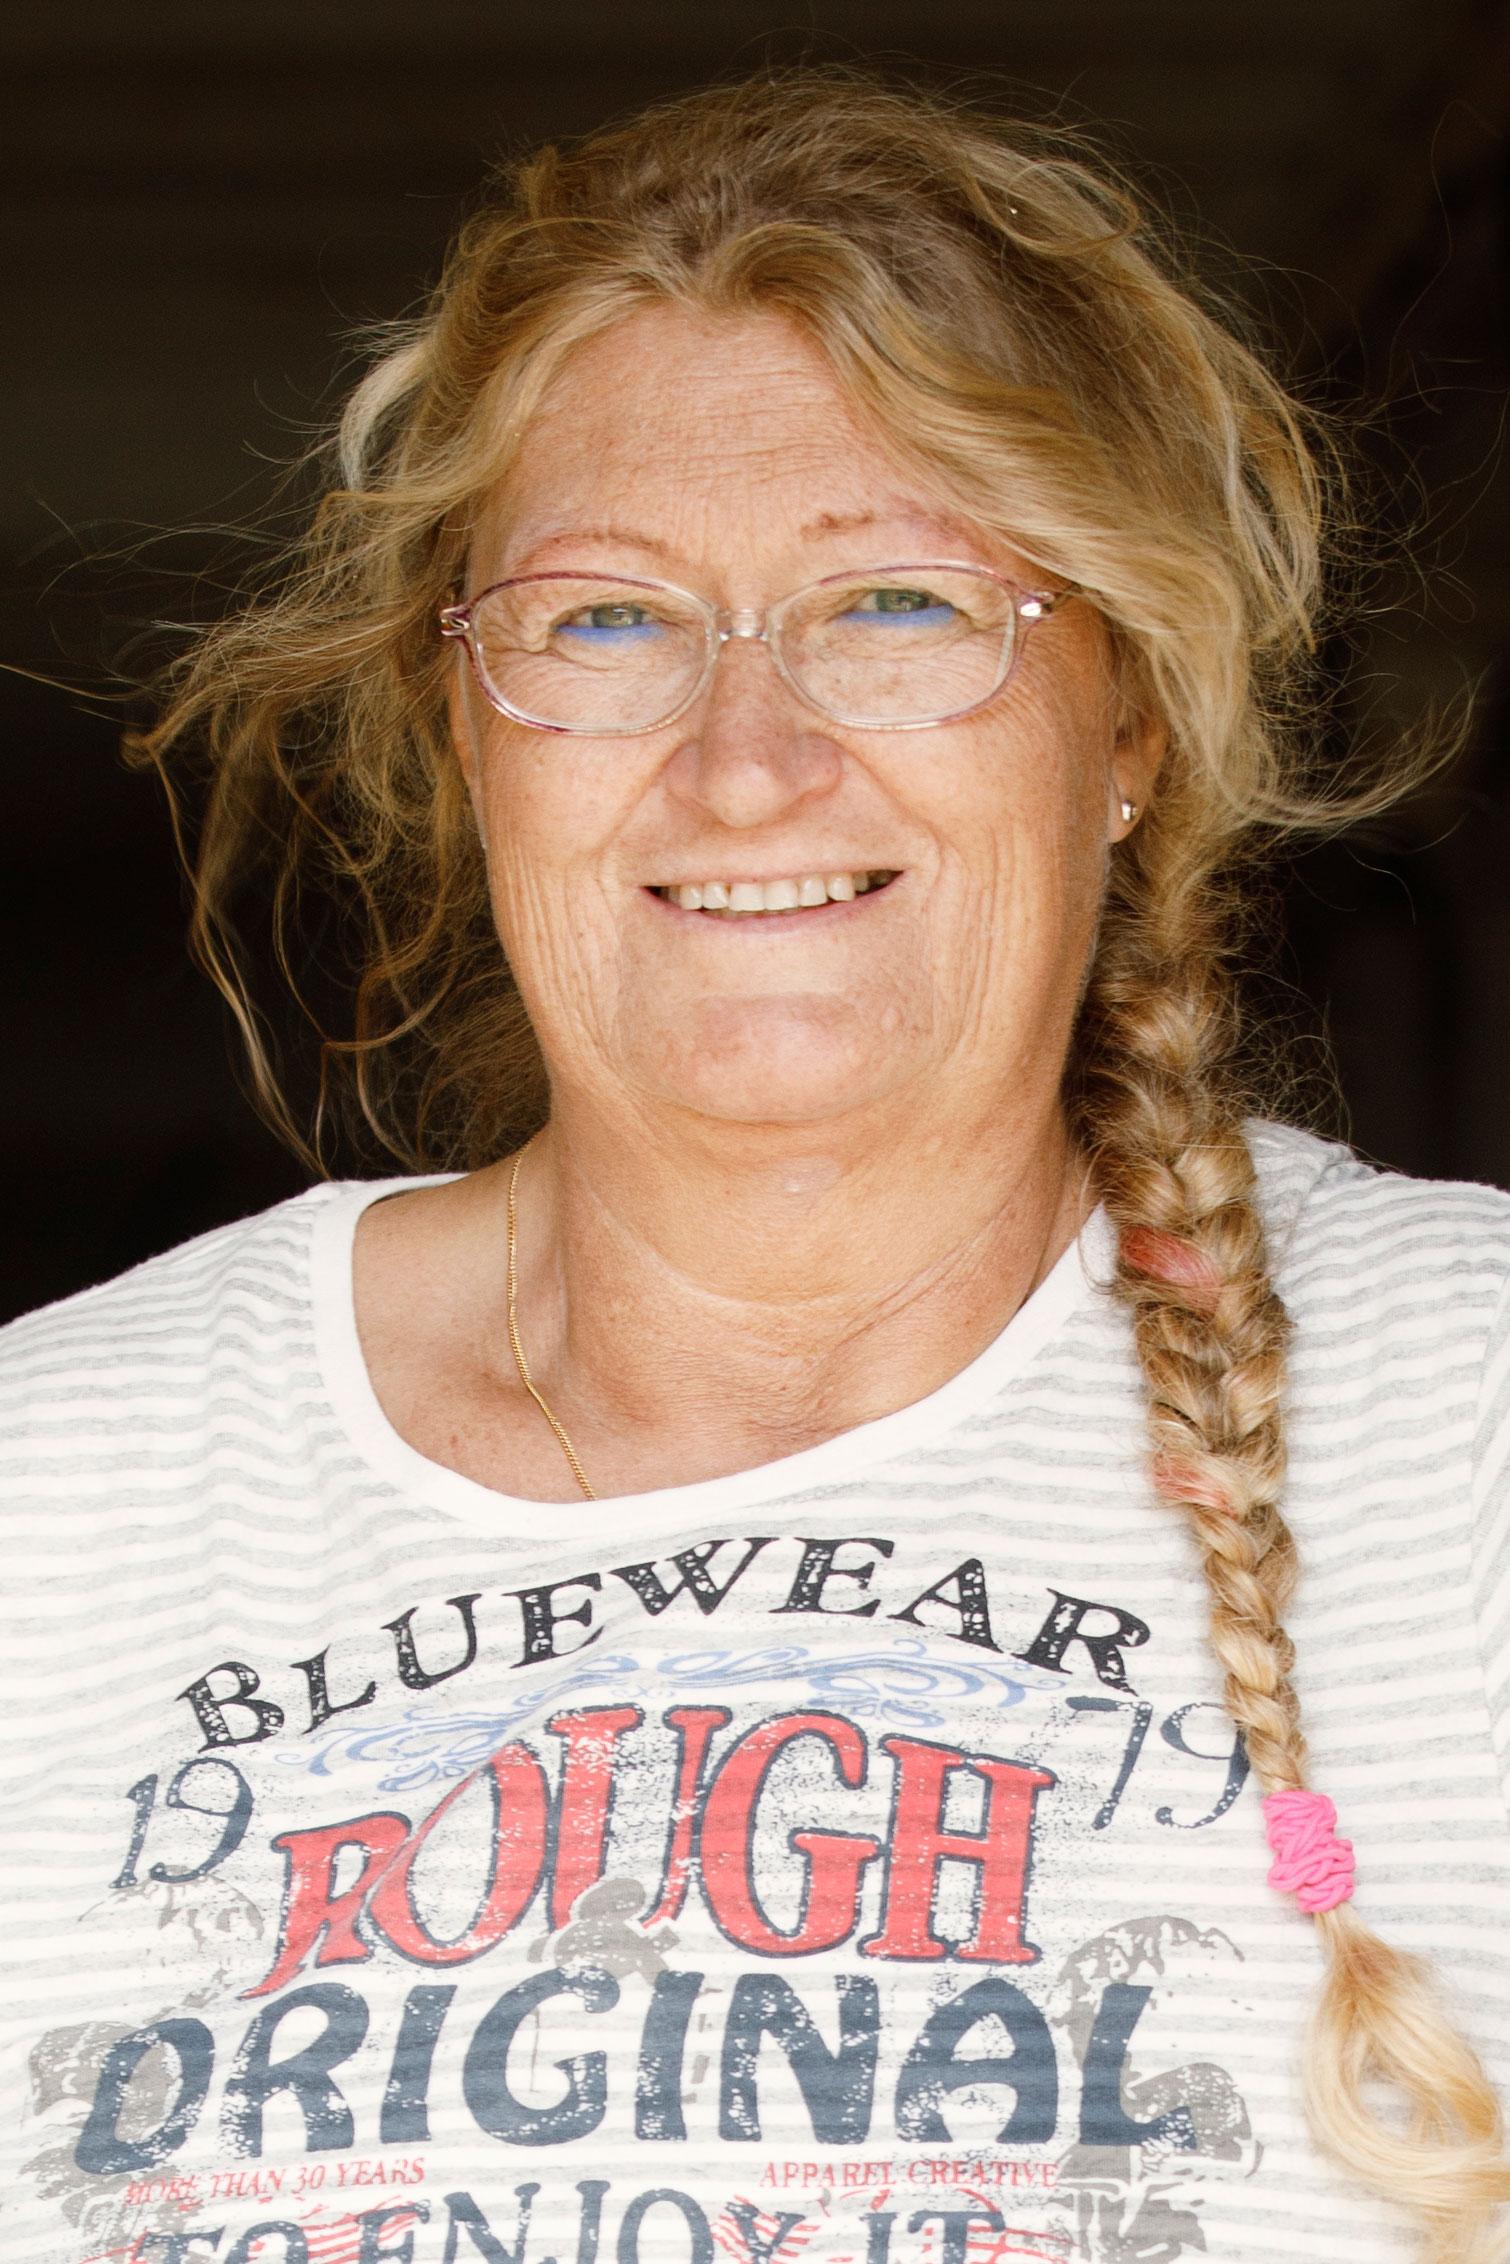 Birgitta-jonasson